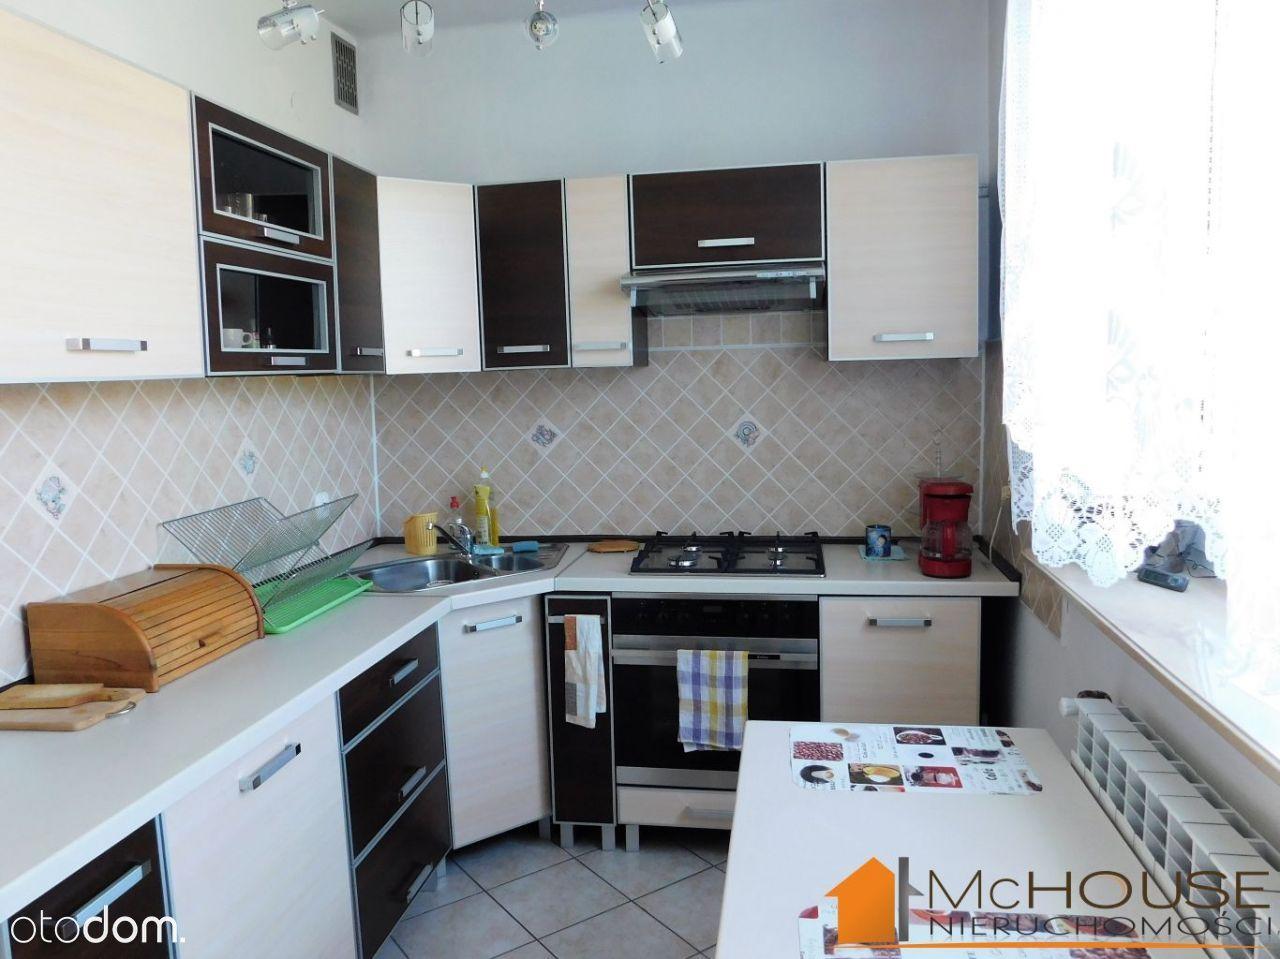 Dom na sprzedaż, Grabowa, staszowski, świętokrzyskie - Foto 6